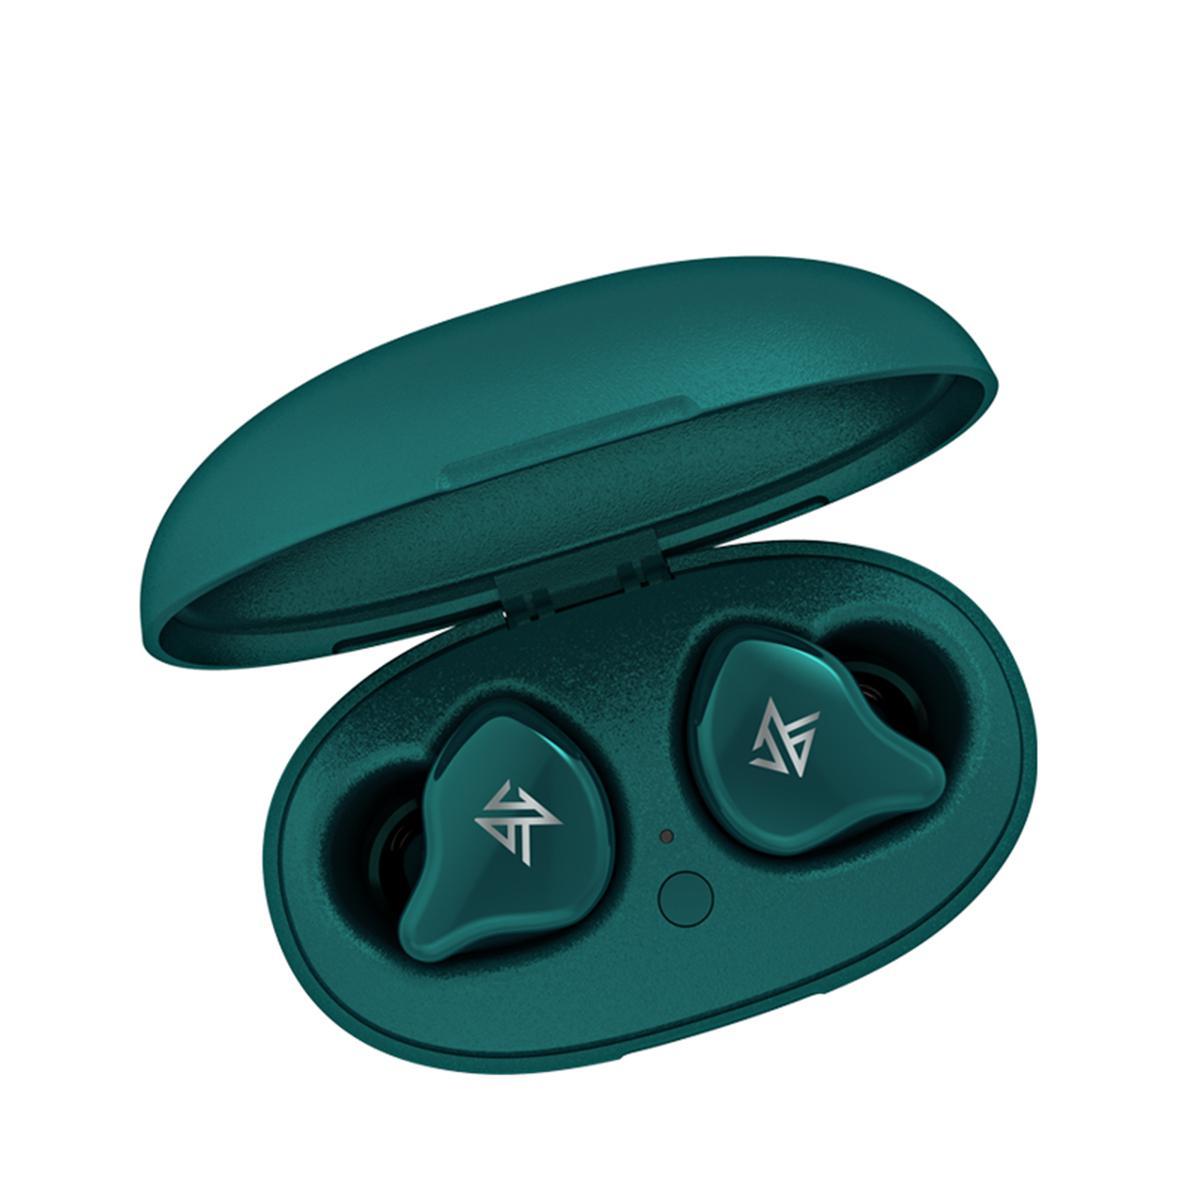 Tai Nghe Bluetooth True Wireless KZ S1 / S1D - Hàng Chính Hãng